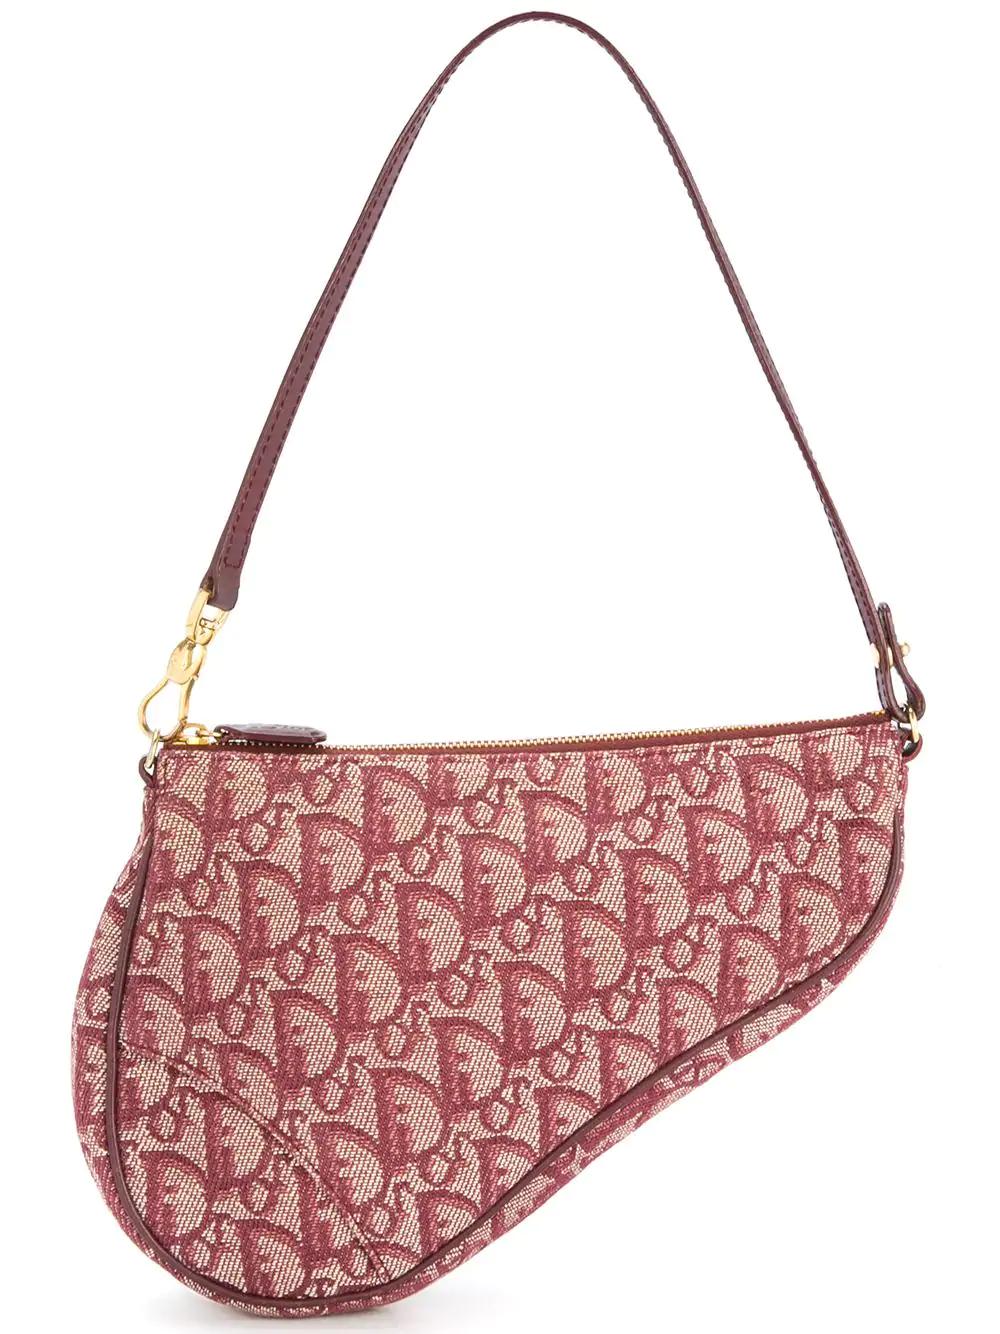 91fe8823951c Dior Christian Vintage Saddle Trotter Hand Bag - Red